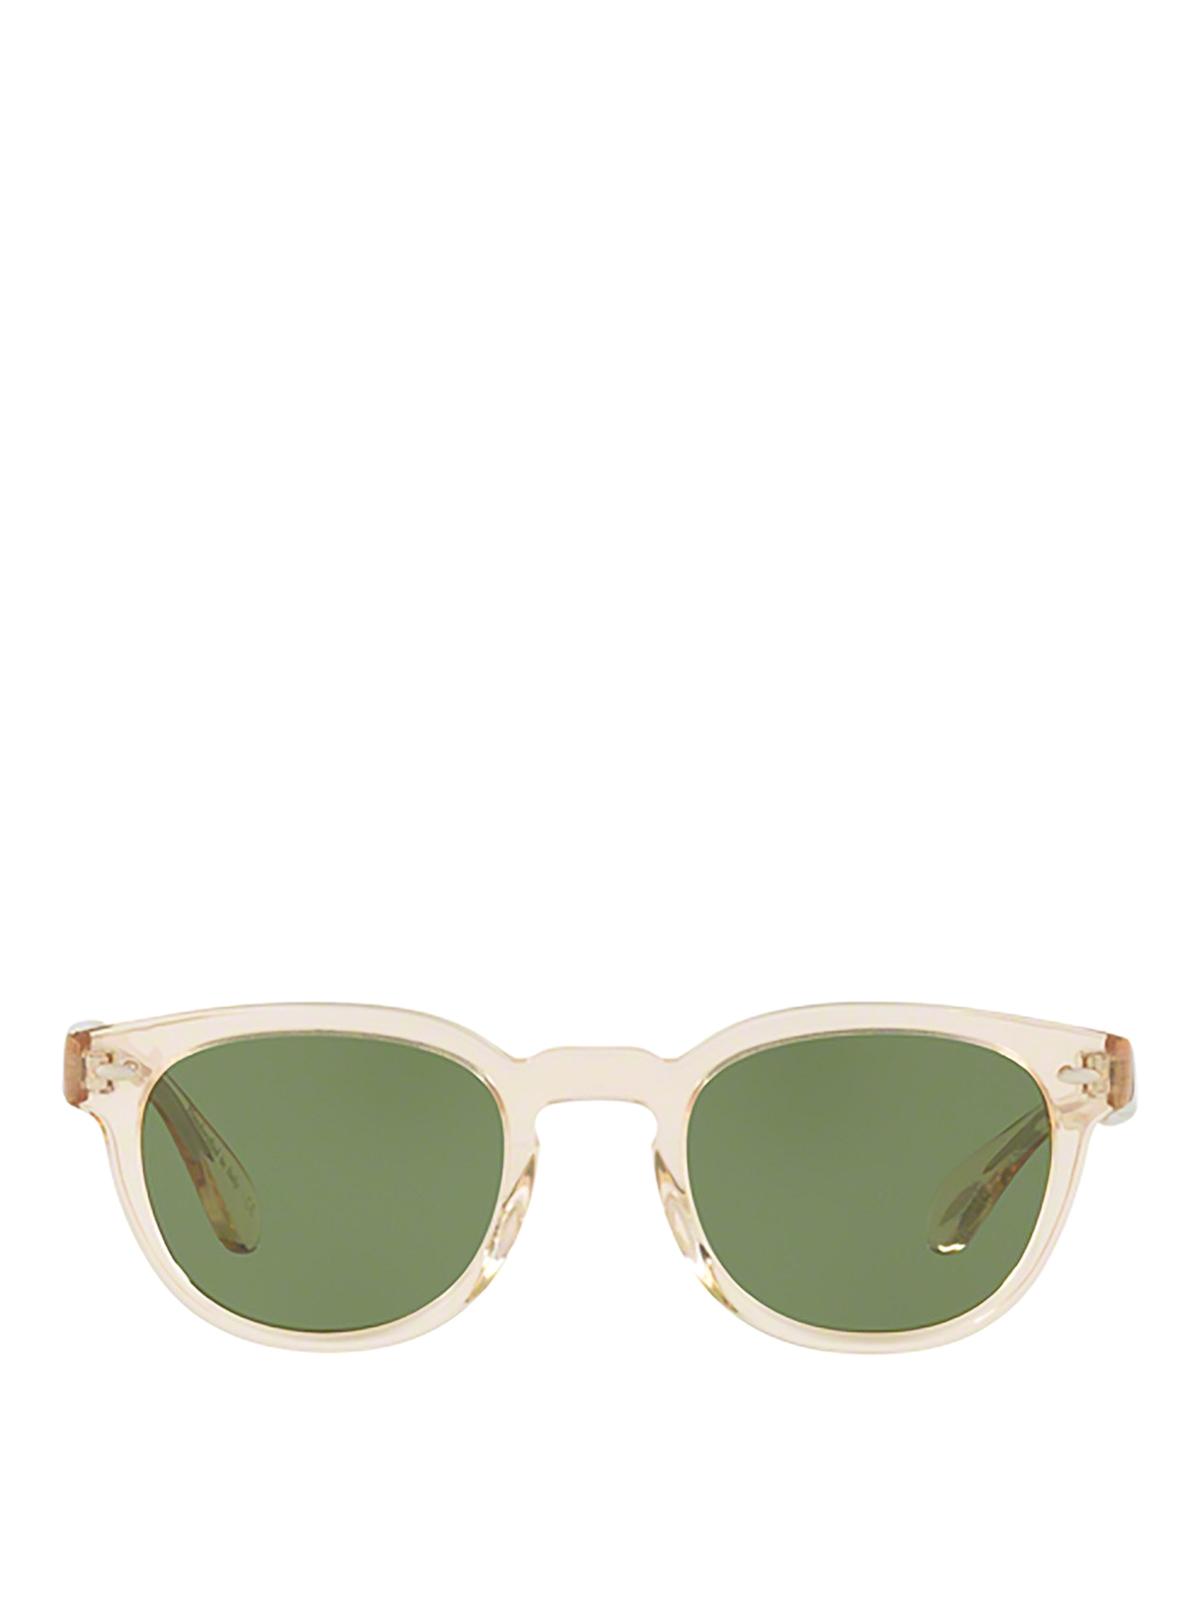 Oliver Peoples Sonnenbrille Hellbraun Sonnenbrillen